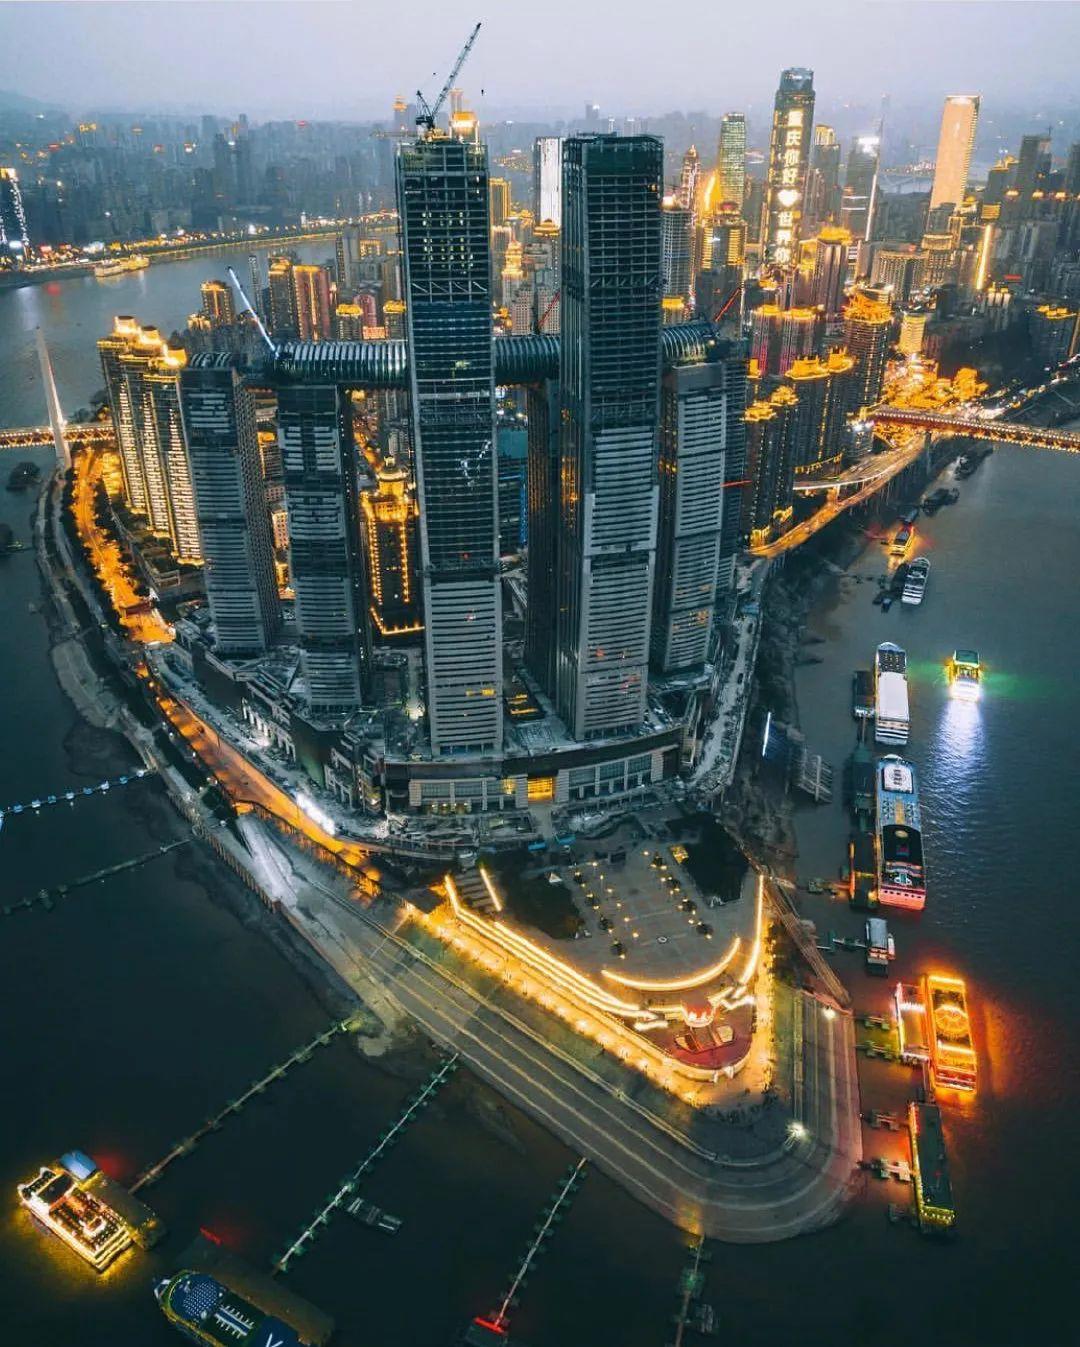 这条线路适合 已经去过重庆,想开启不一样玩法的人;